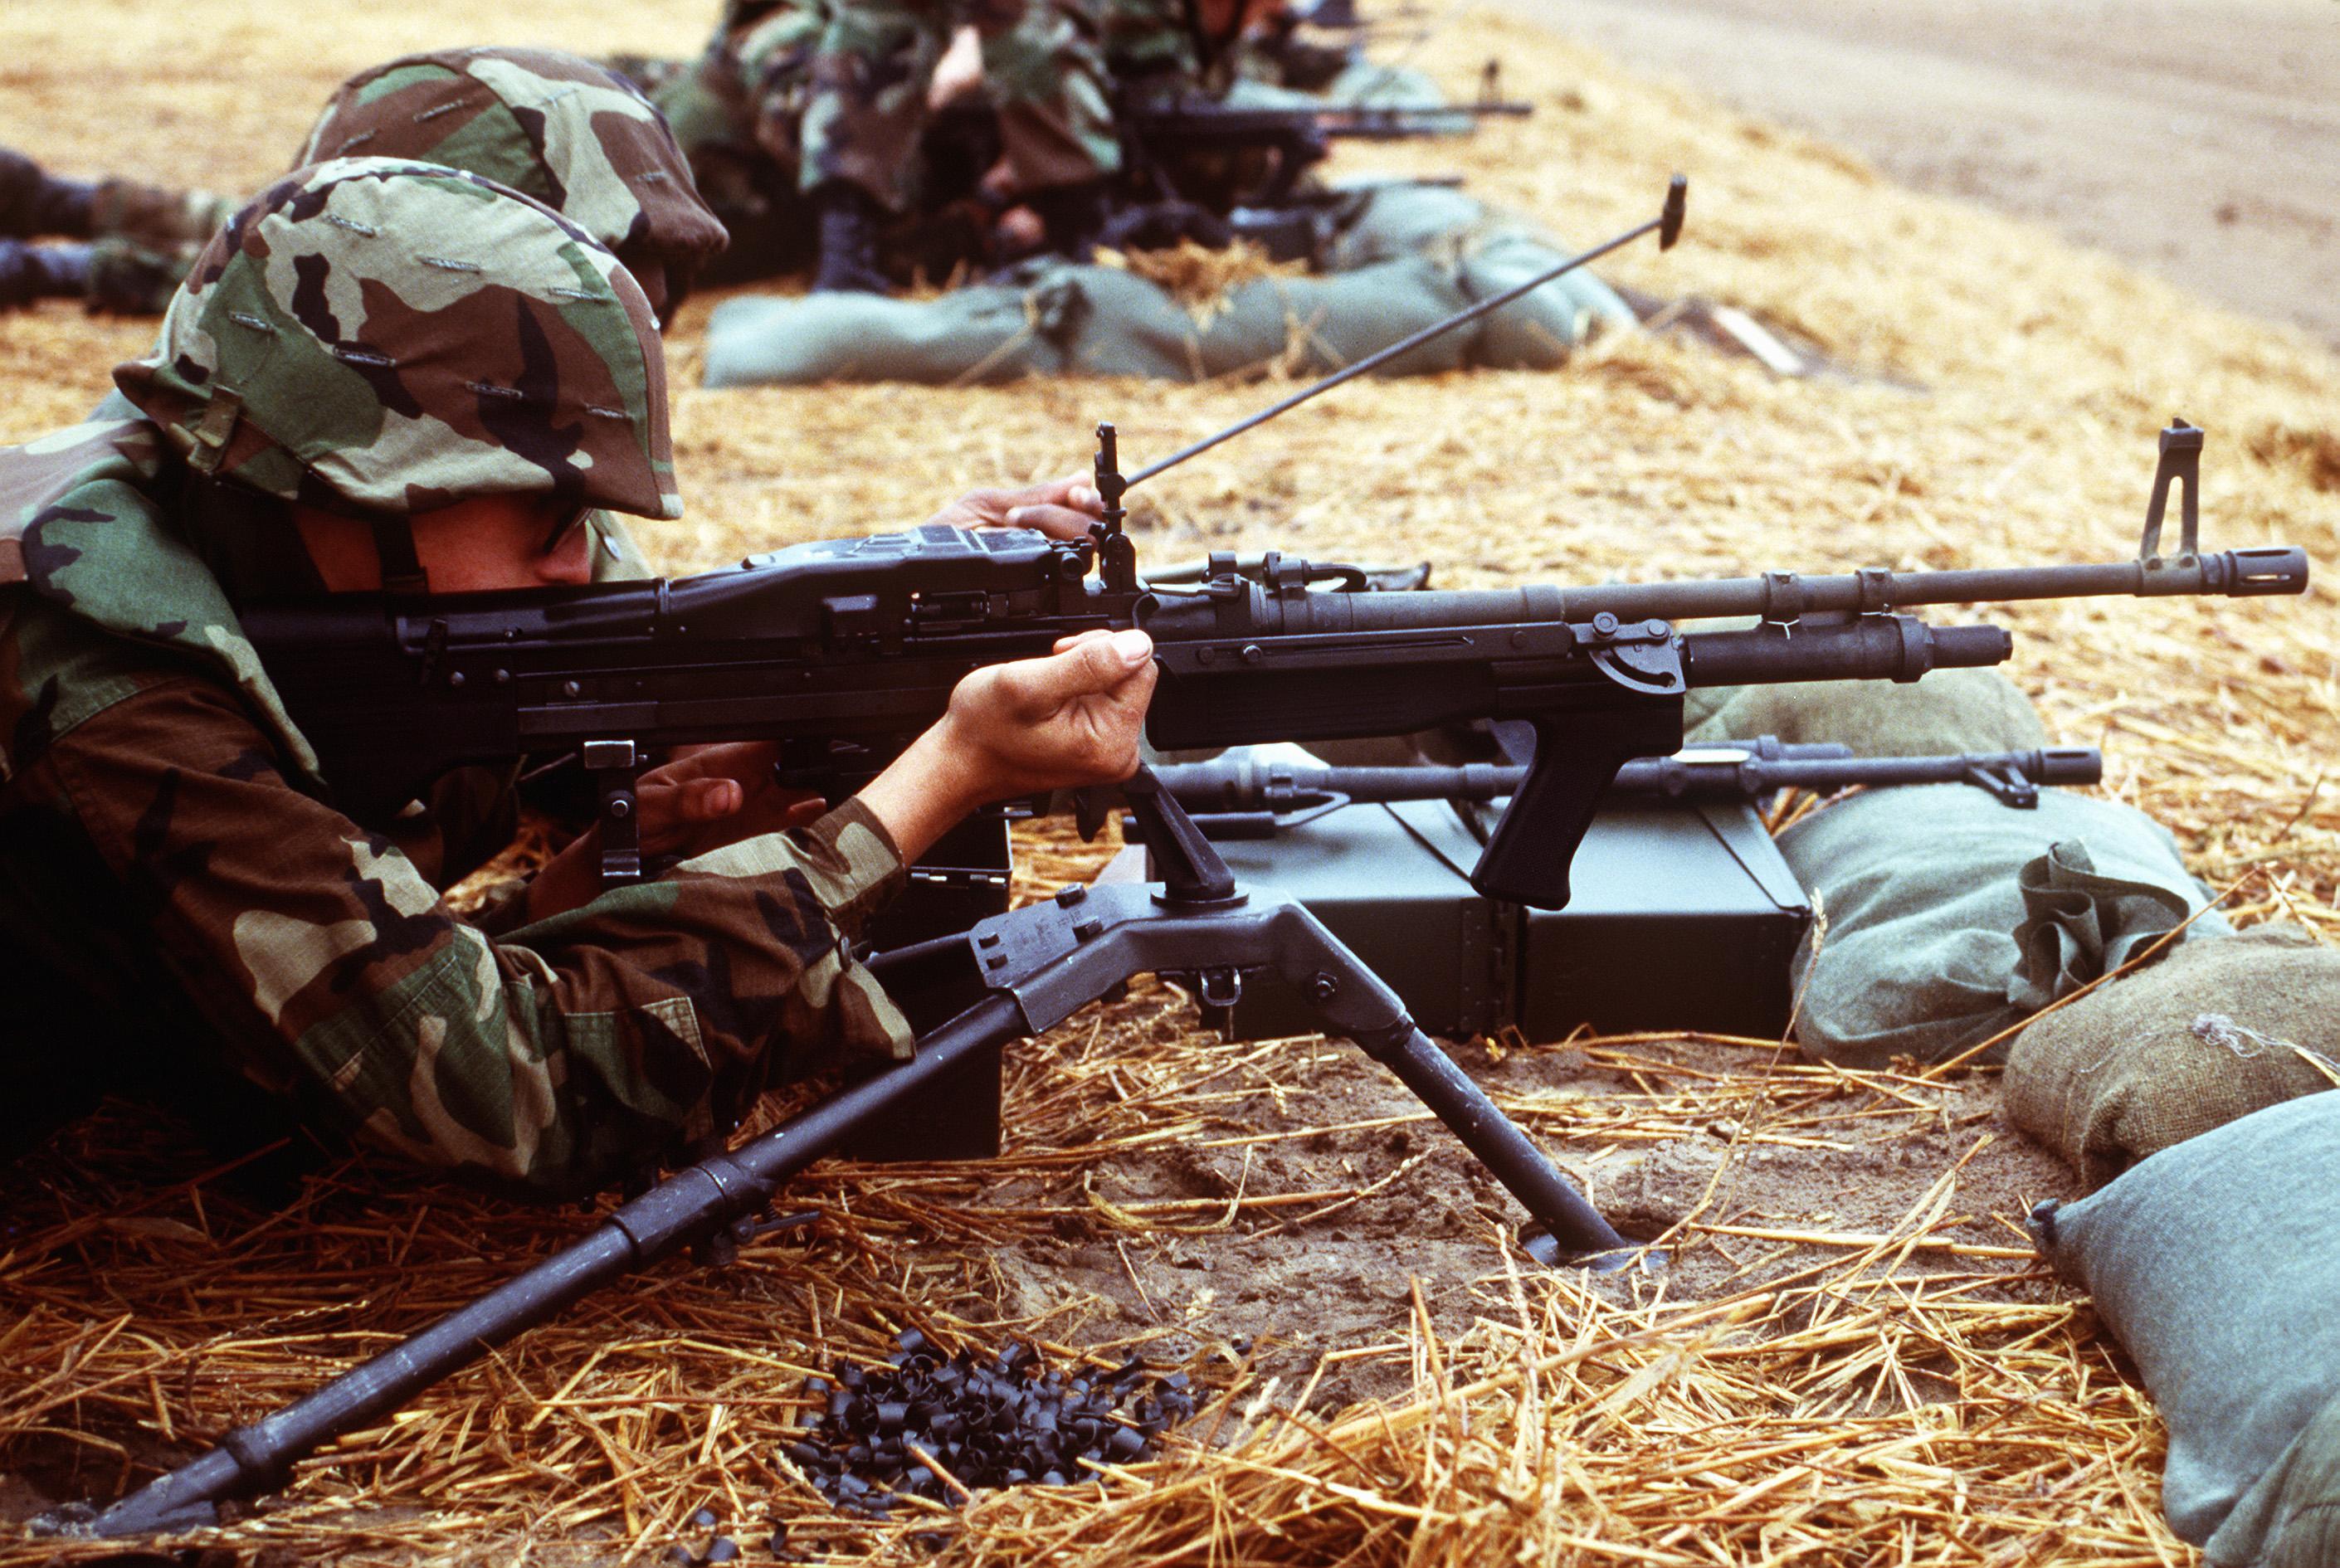 M60 MACHINE GUN military rifle weapon soldier g wallpaper background 2820x1890